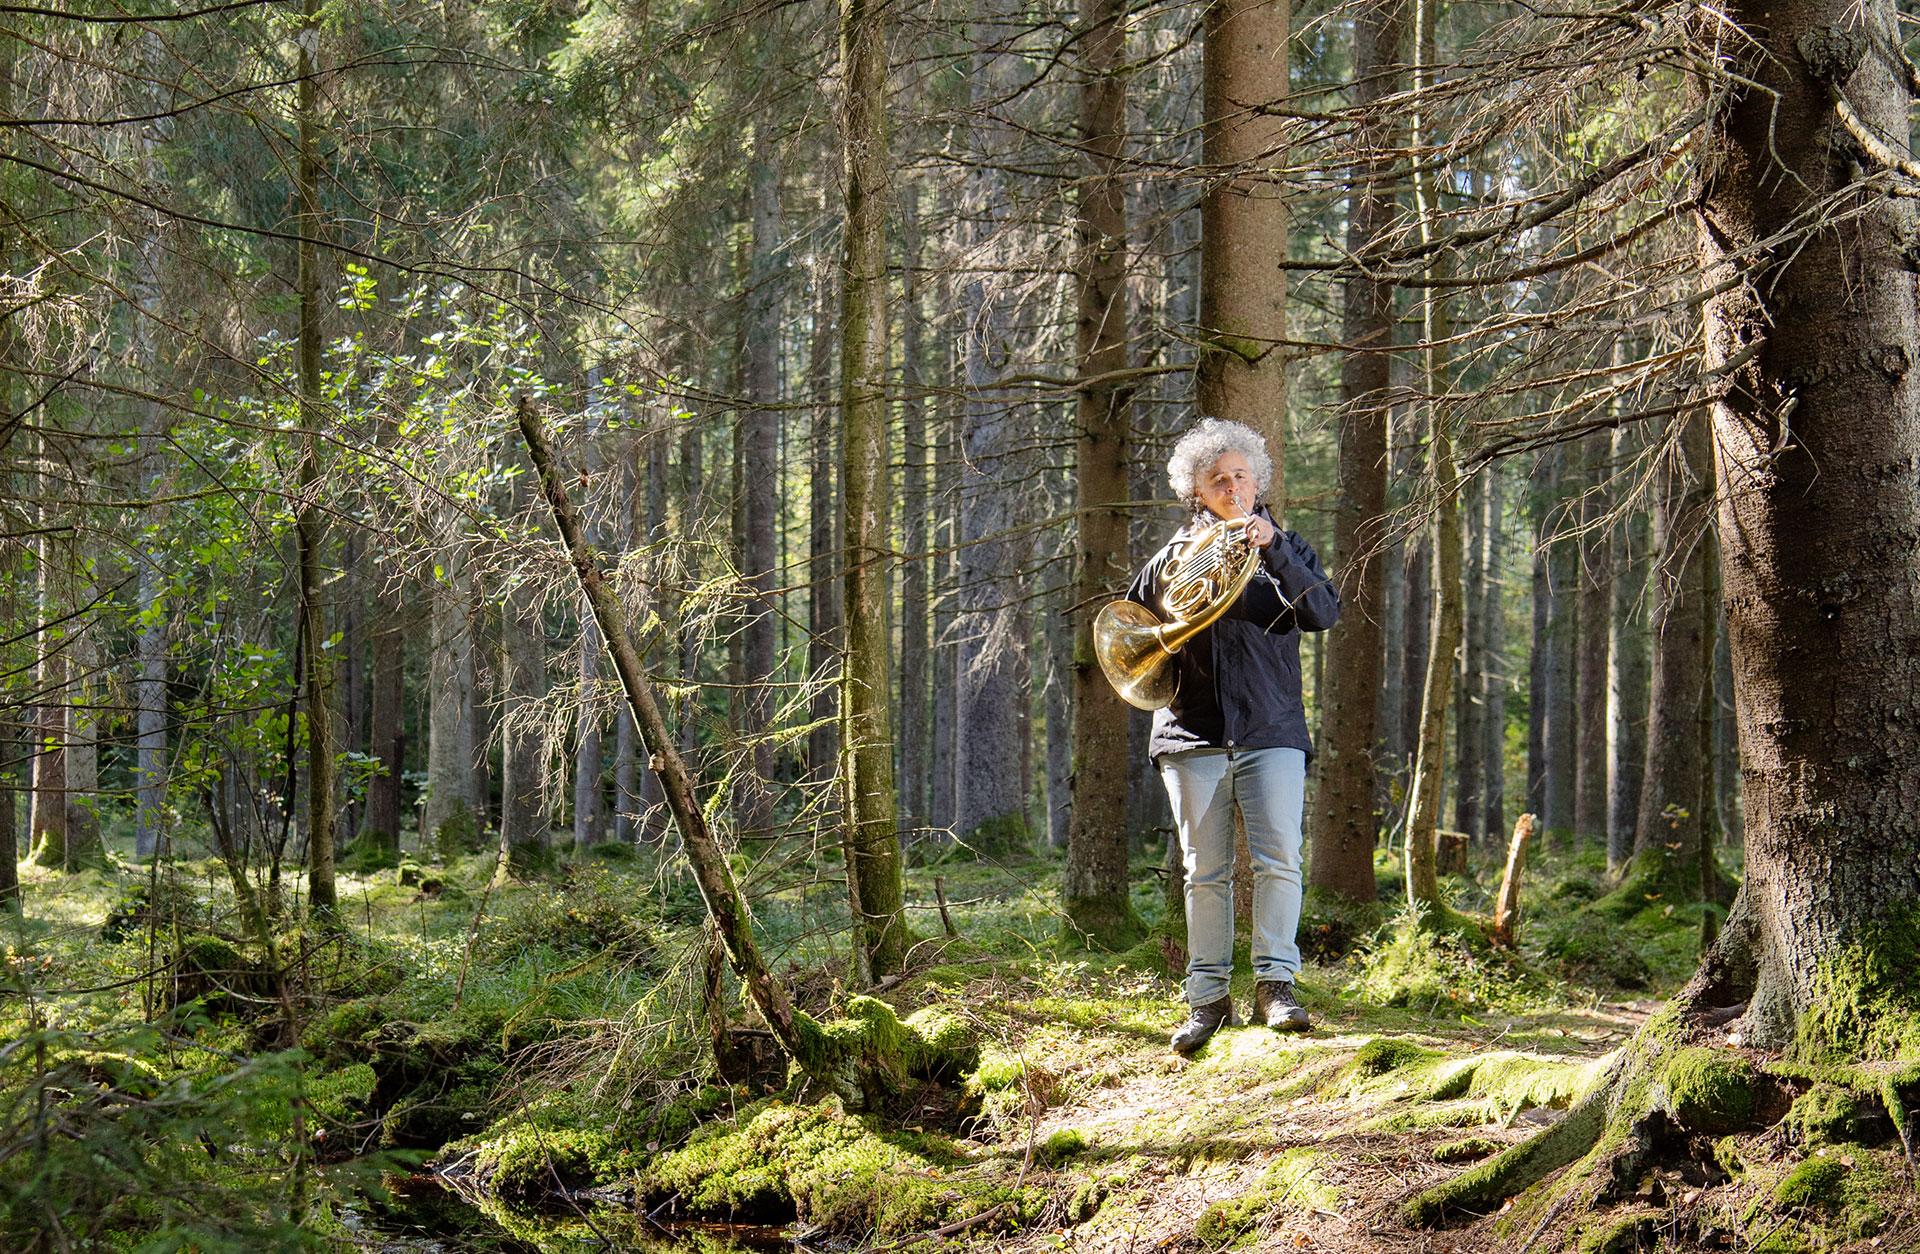 Lisa ford står i skogen och spelar på sitt horn.